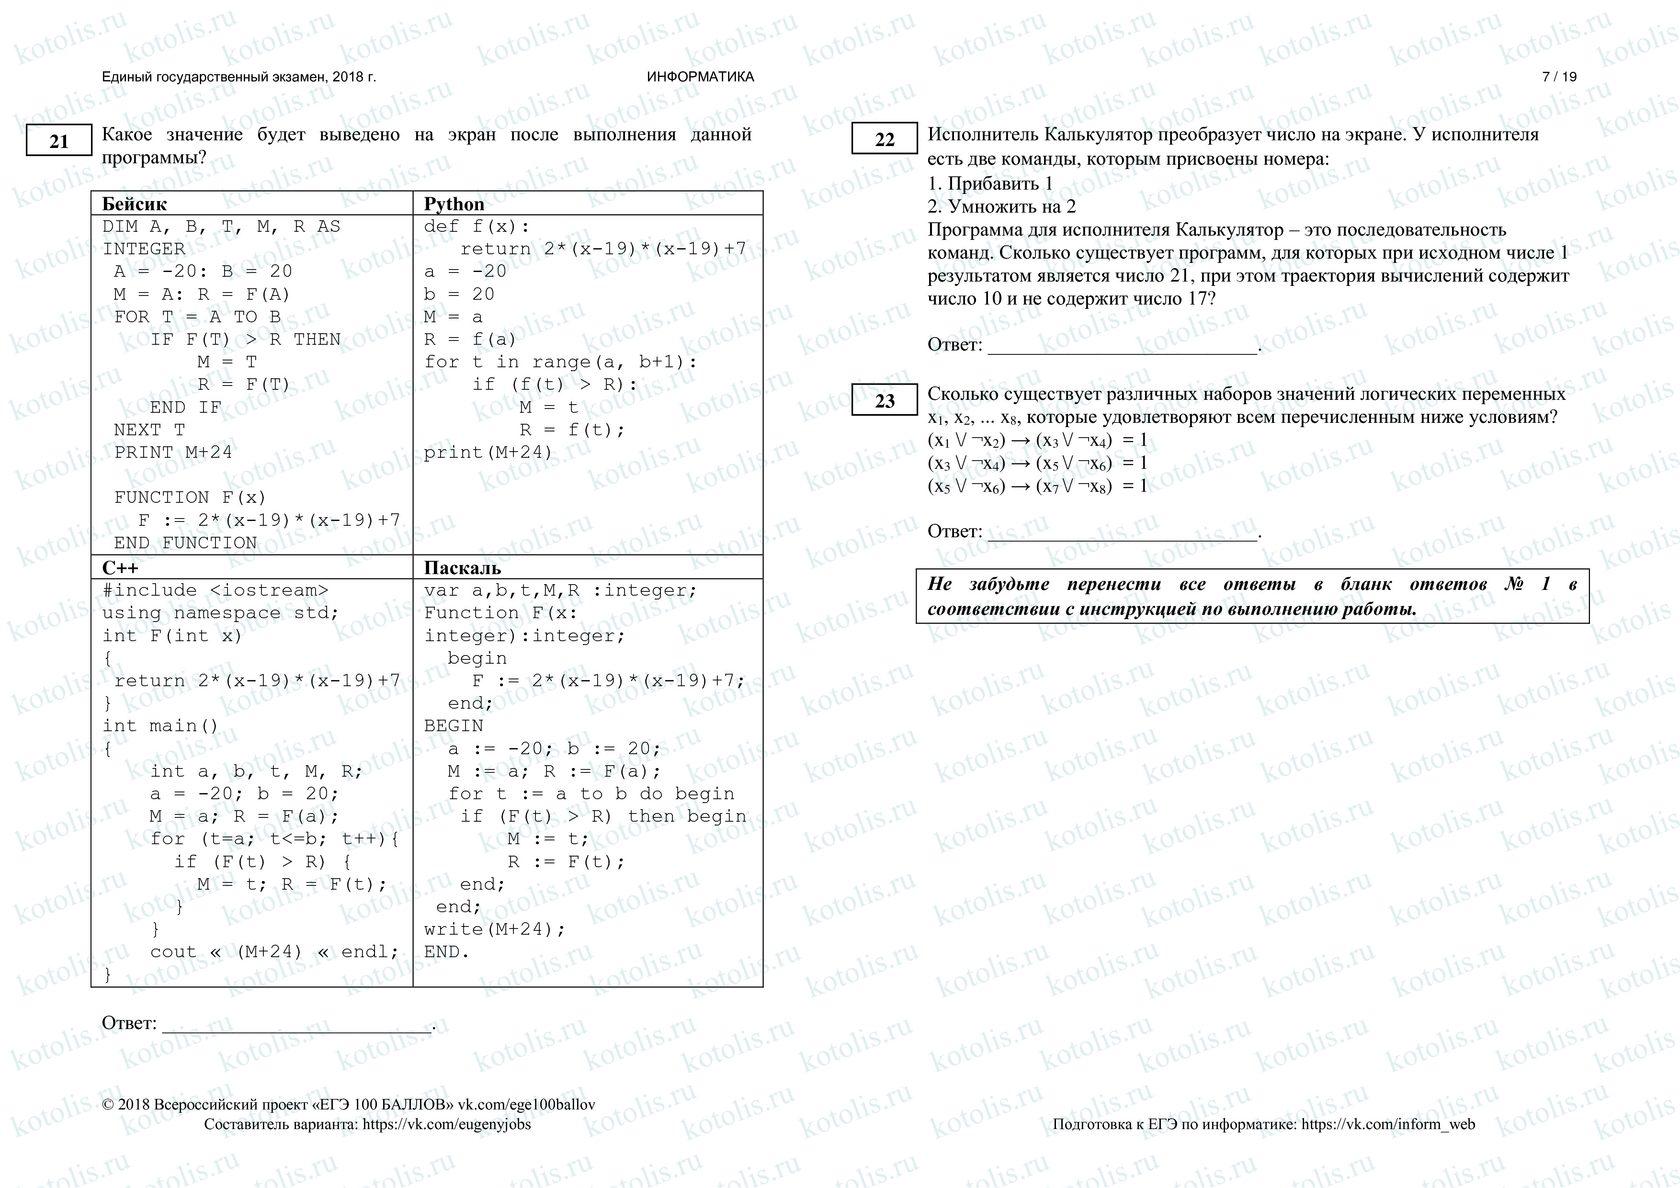 Вариант ЕГЭ  по информатике 2018 с решениями